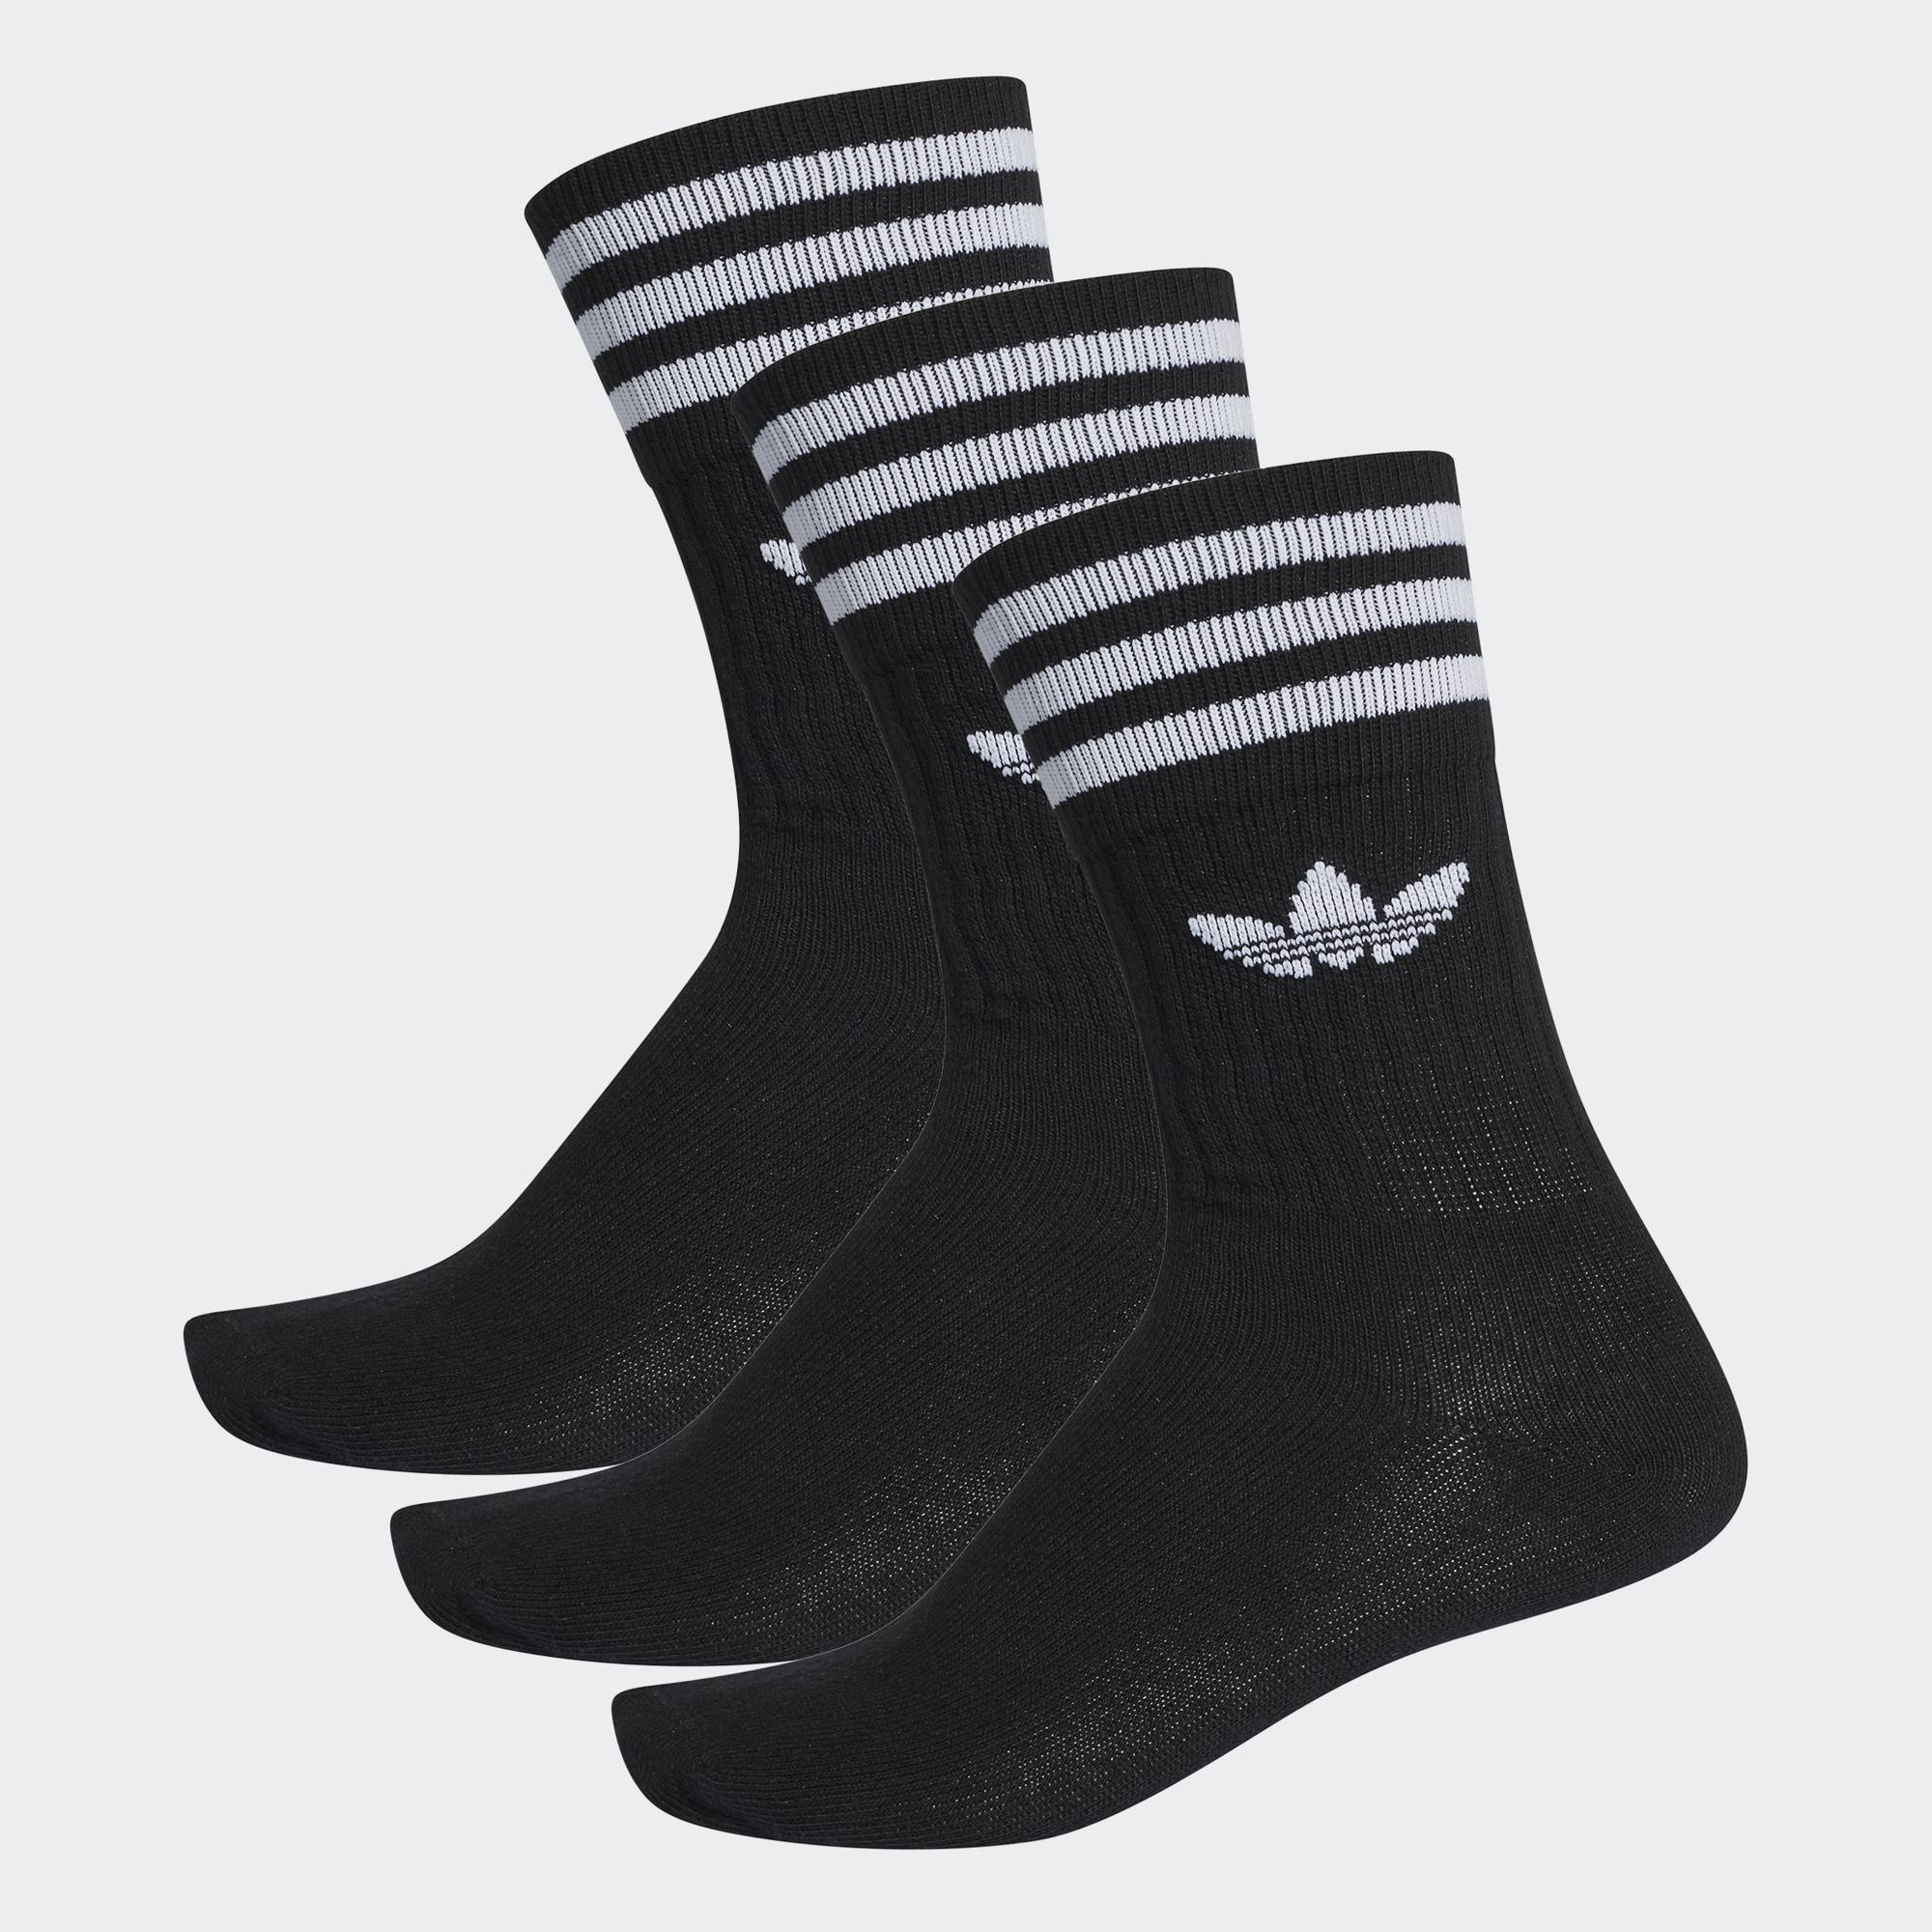 Носки унисекс Adidas SOLID CREW SOCK черные 39/42